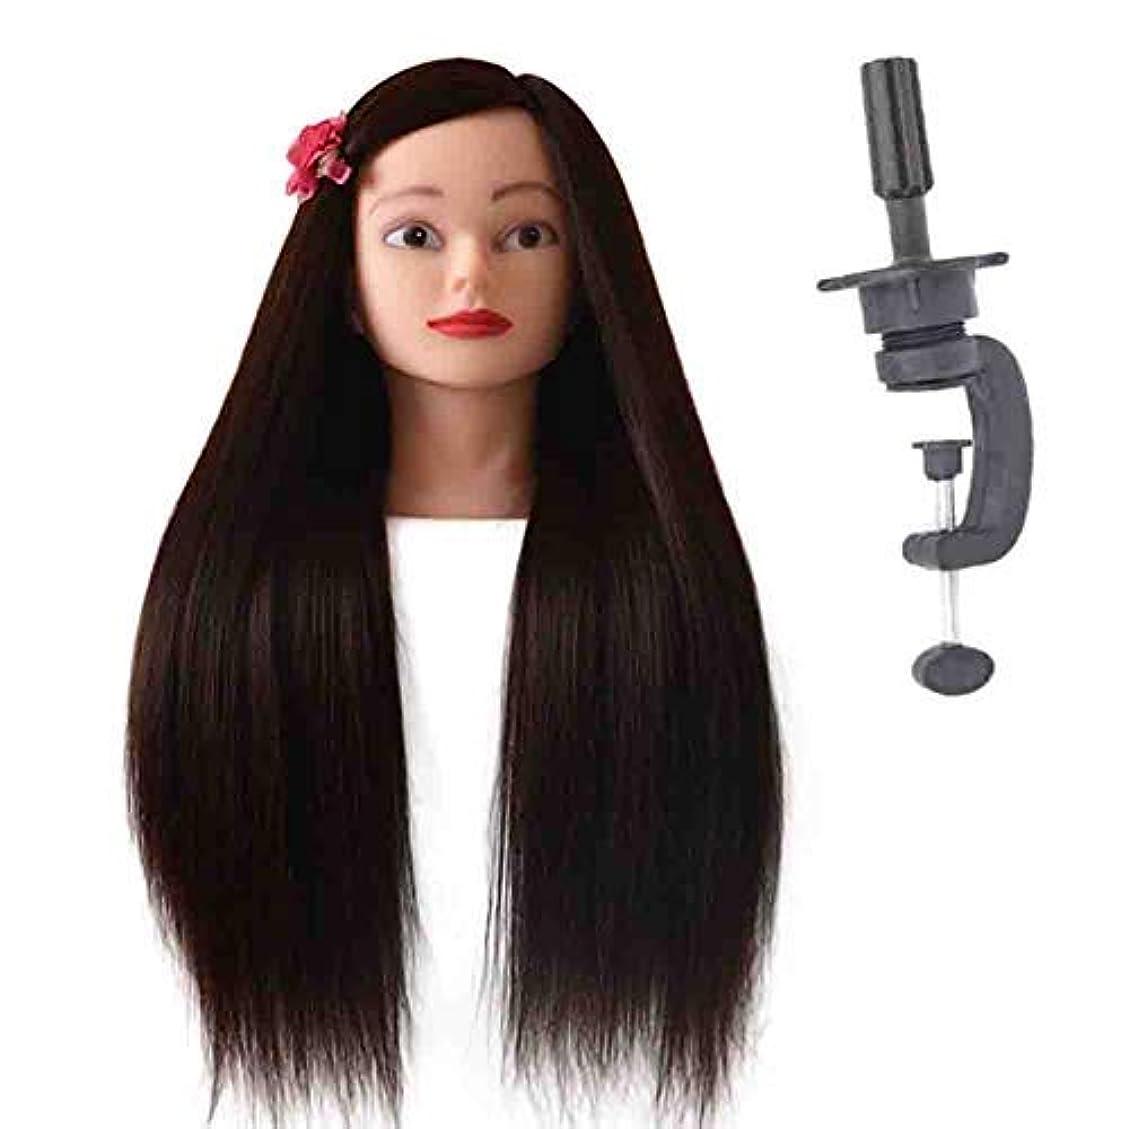 血まみれの浜辺暗殺トウモロコシホットシミュレーションヘアメイクヘアプレートヘアダミー練習ヘッド金型理髪店初心者トリムヘアトレーニングヘッド